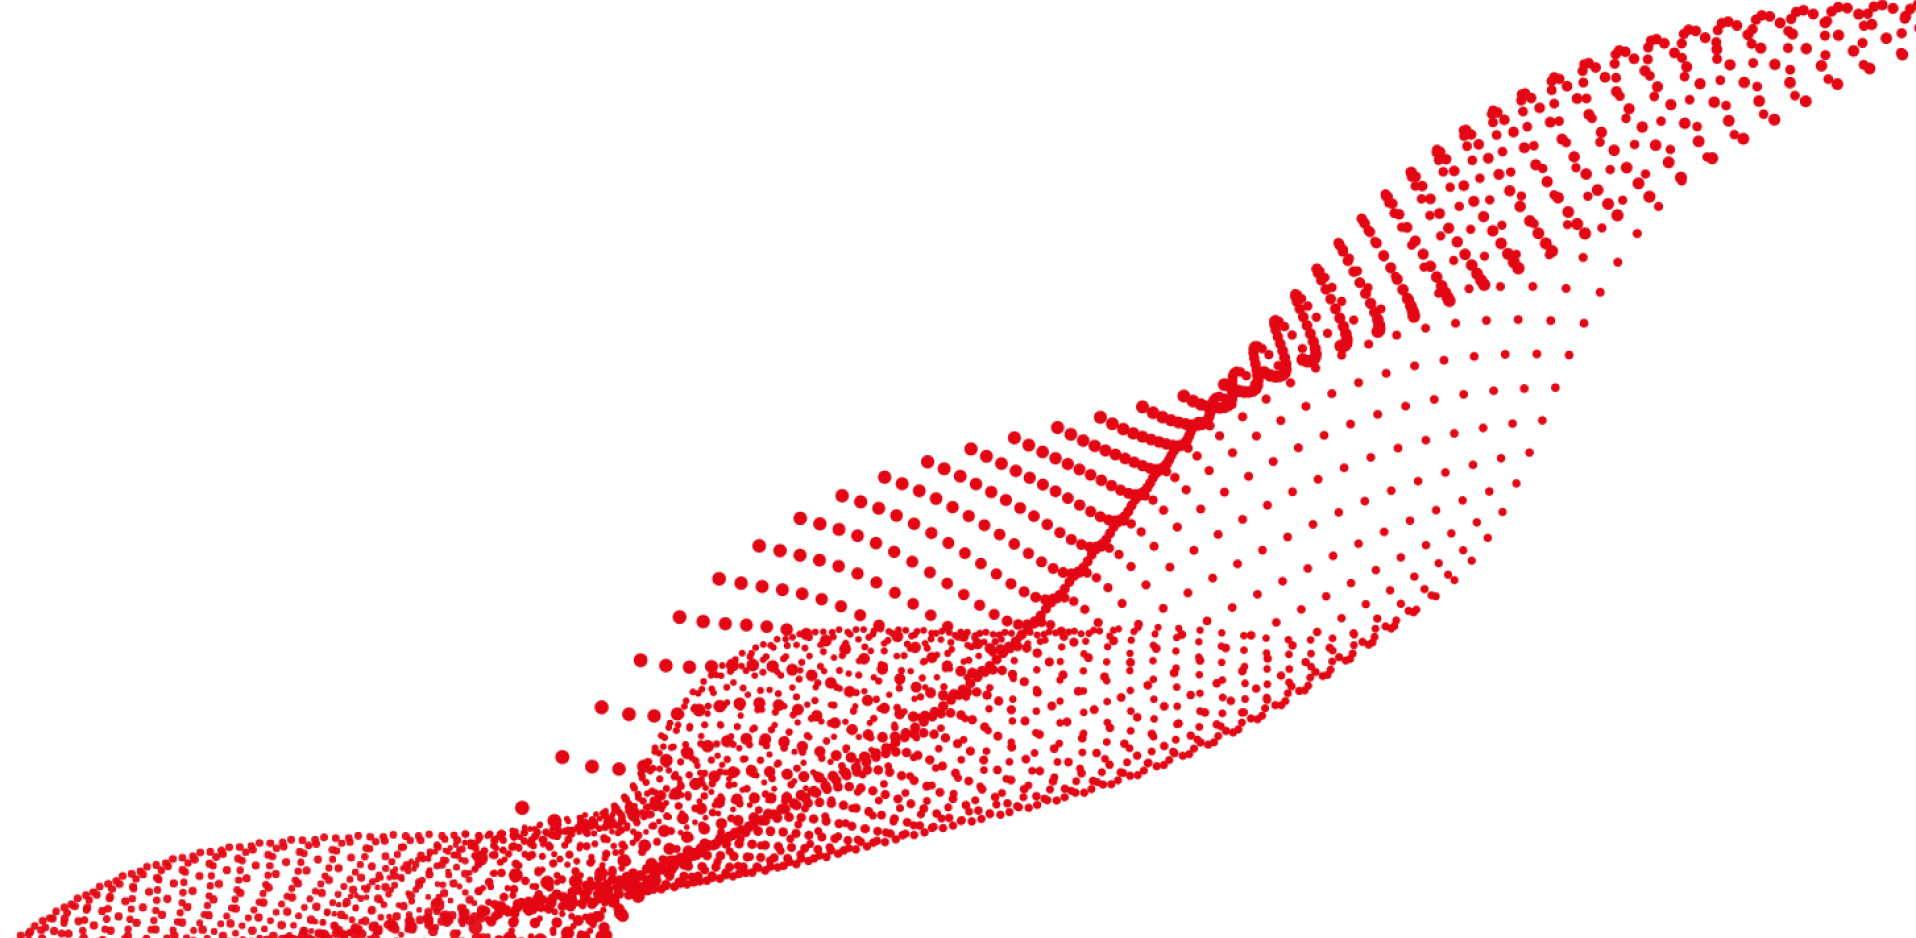 logo gdi noir rouge blanc